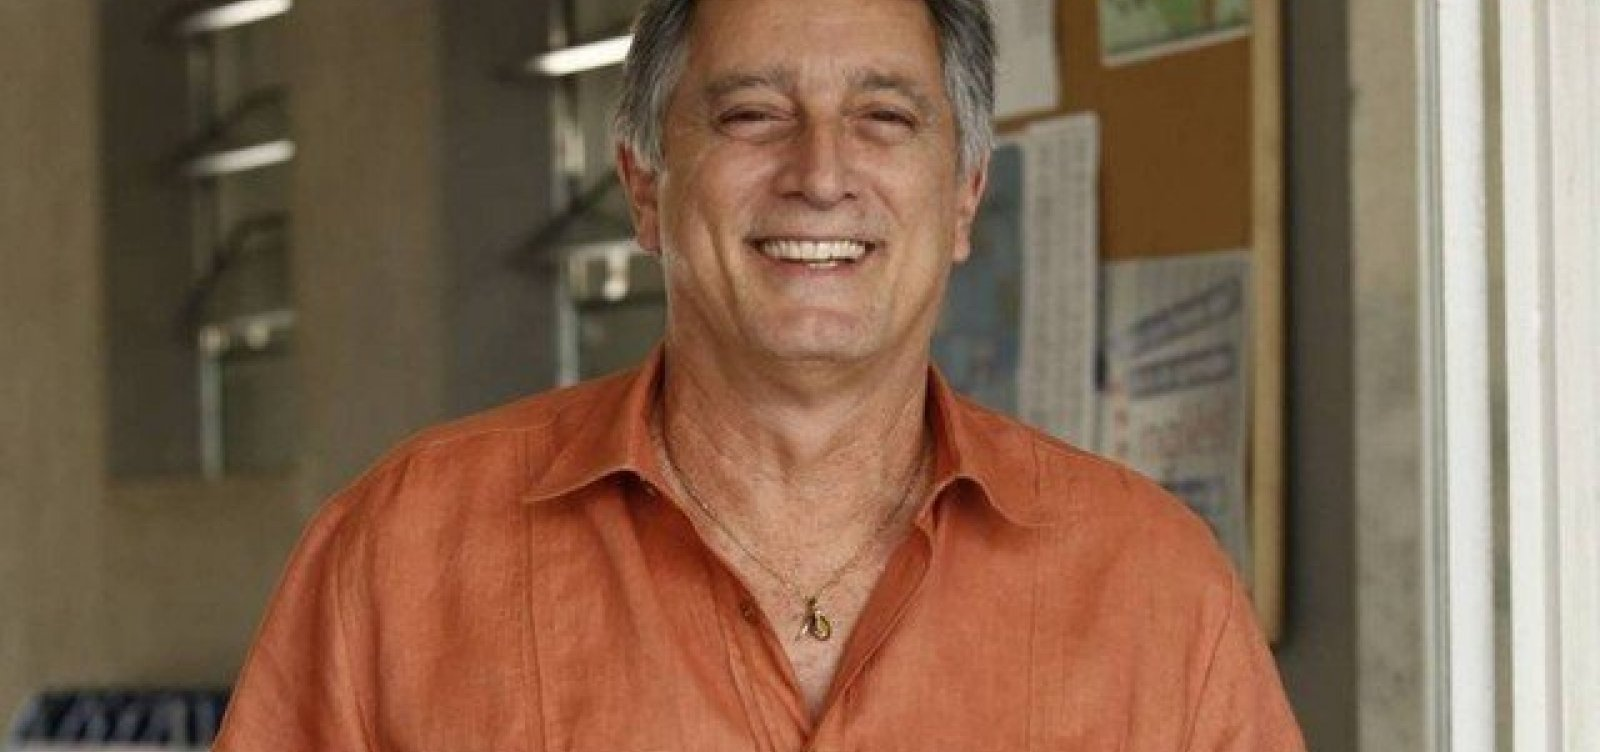 Morre Eduardo Galvão aos 58 anos pelo coronavírus